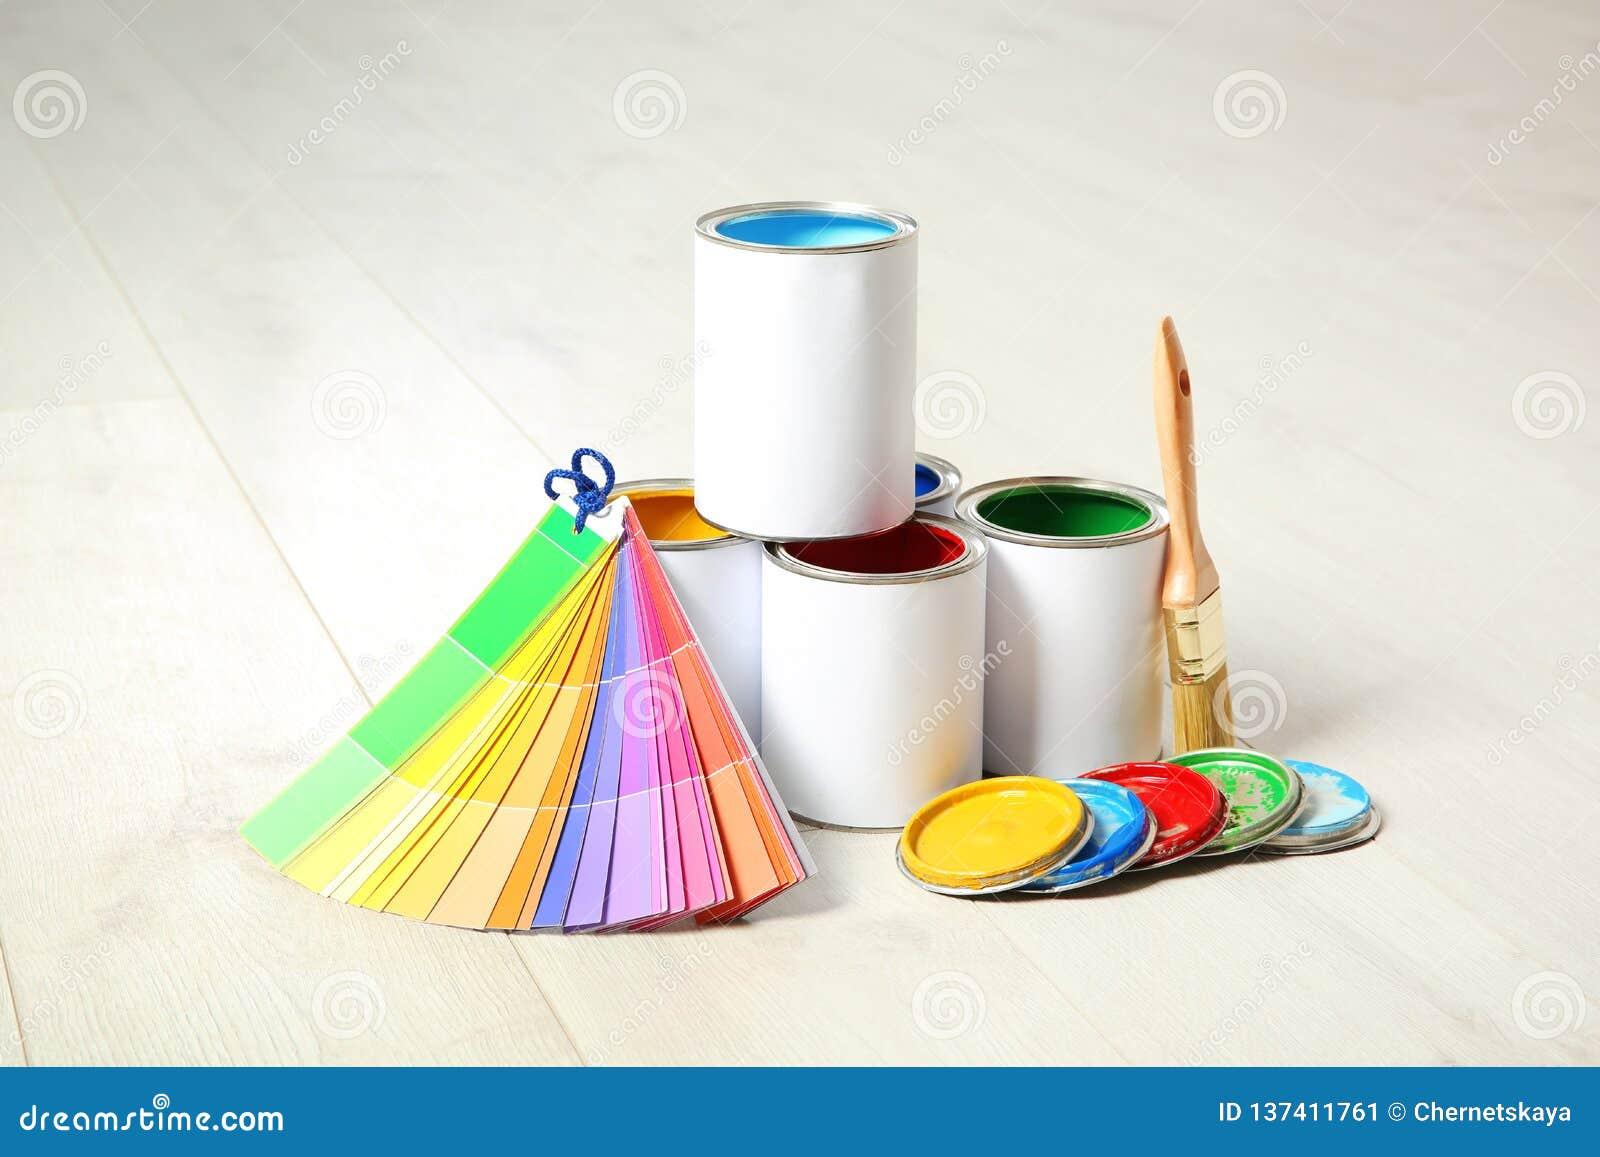 Blikken van verf, borstel en kleurenpalet